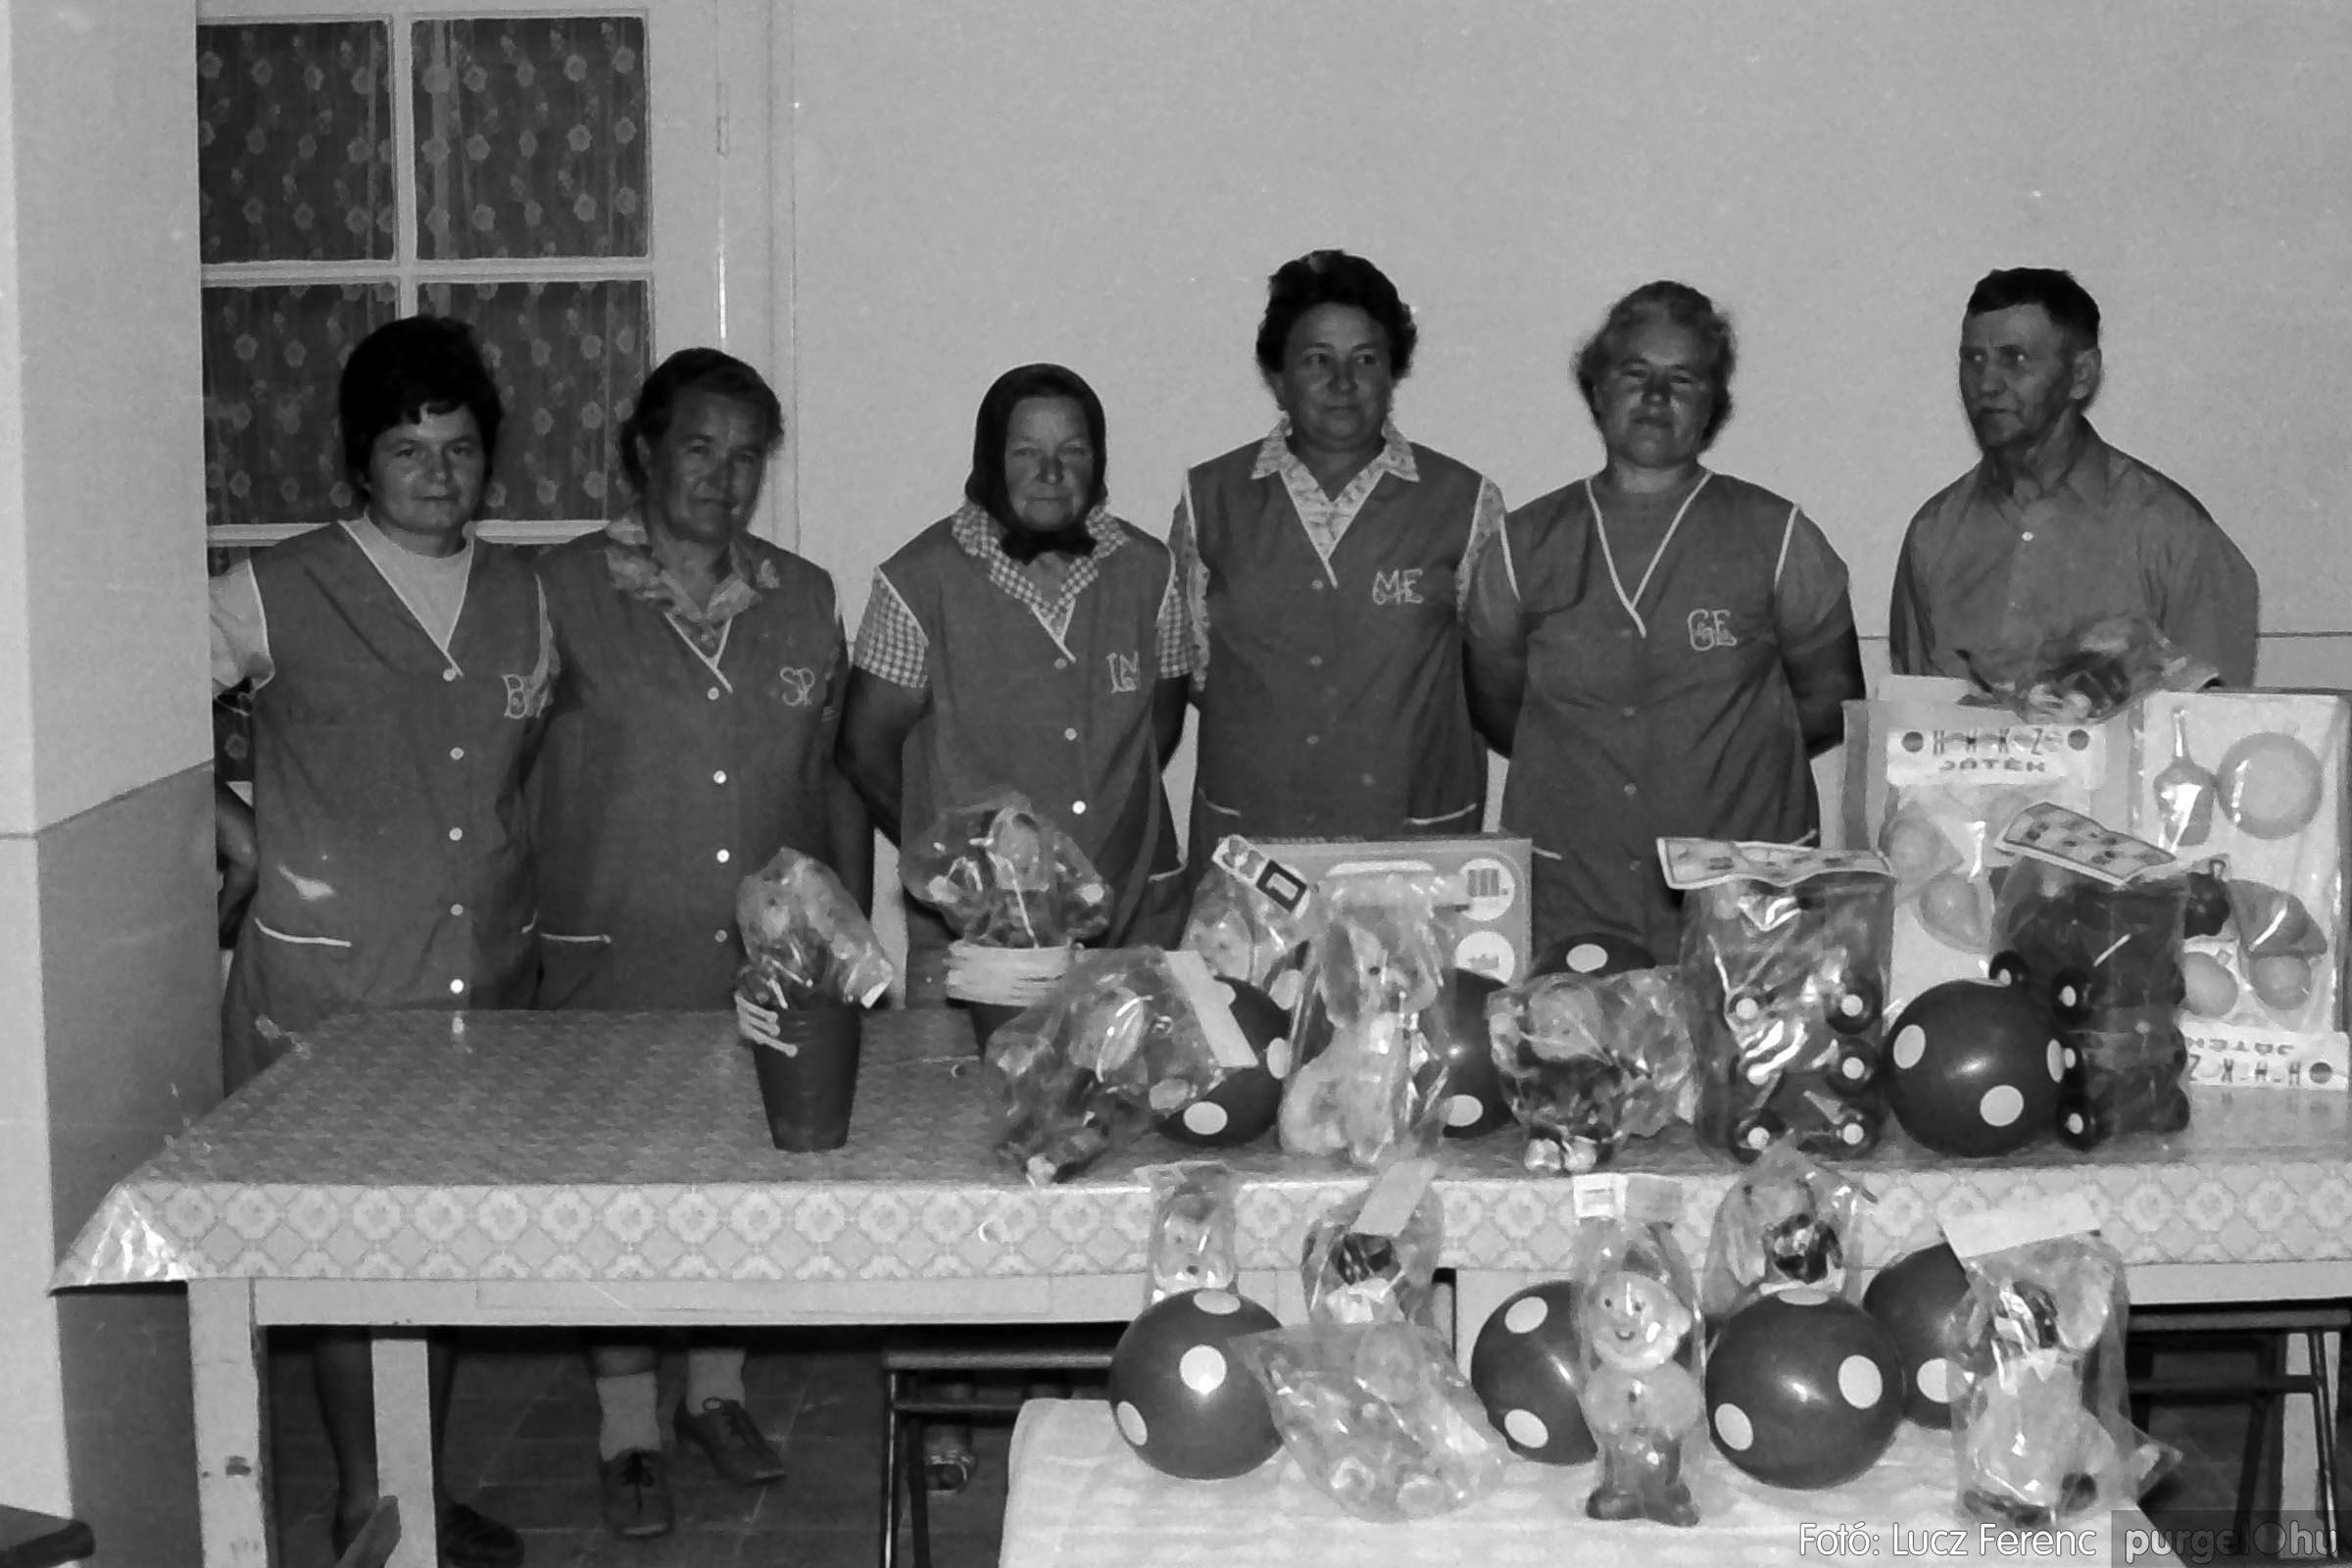 016 1975. Puskin TSZ kertészet szocialista brigád ajándéka az óvodának 004 - Fotó: Lucz Ferenc IMG00165q.jpg